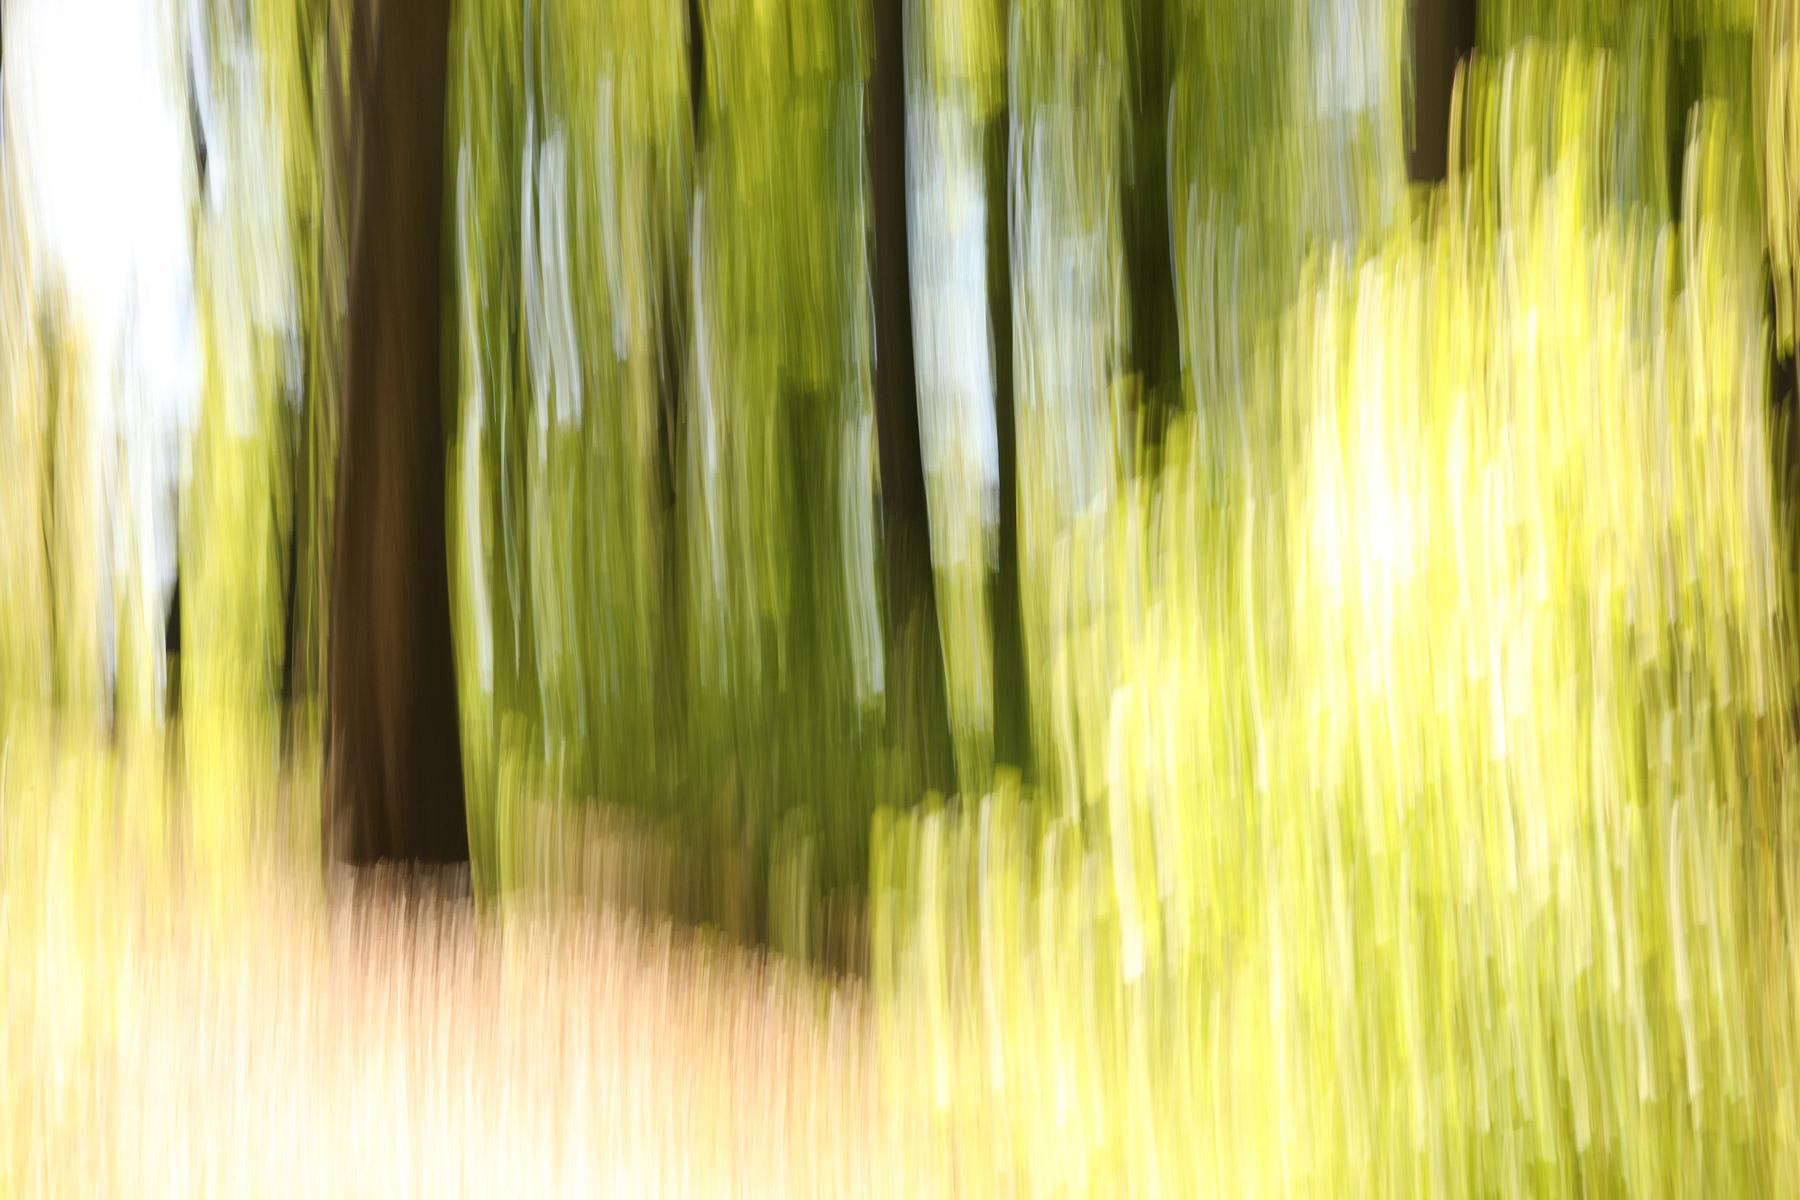 Vor lauter Bäumen XVII, 2020, Fotografie